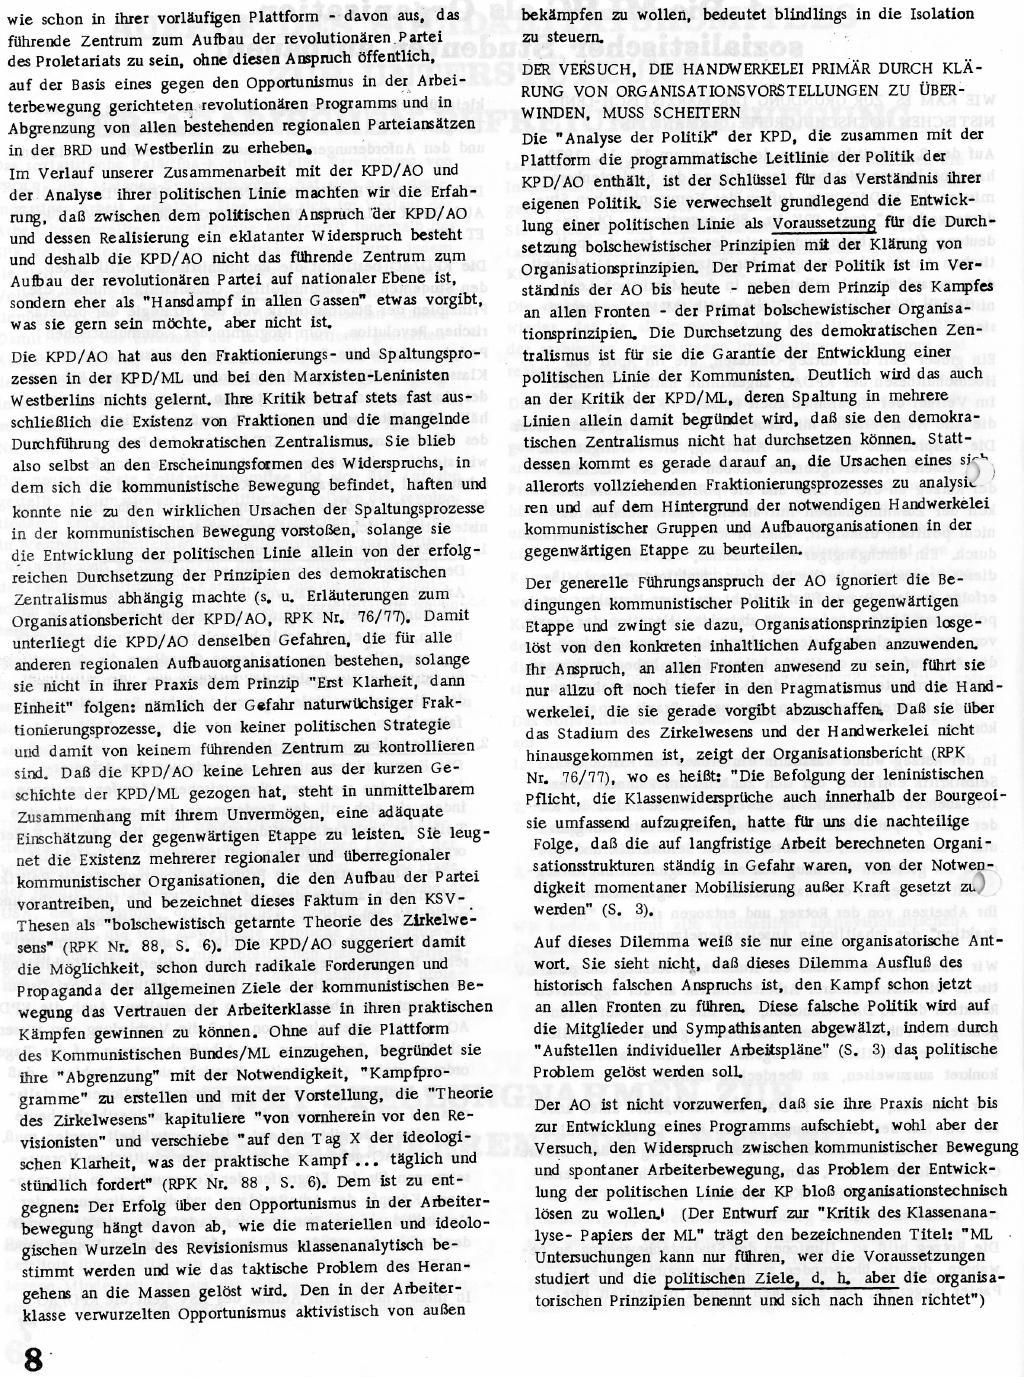 RPK_1970_093_08